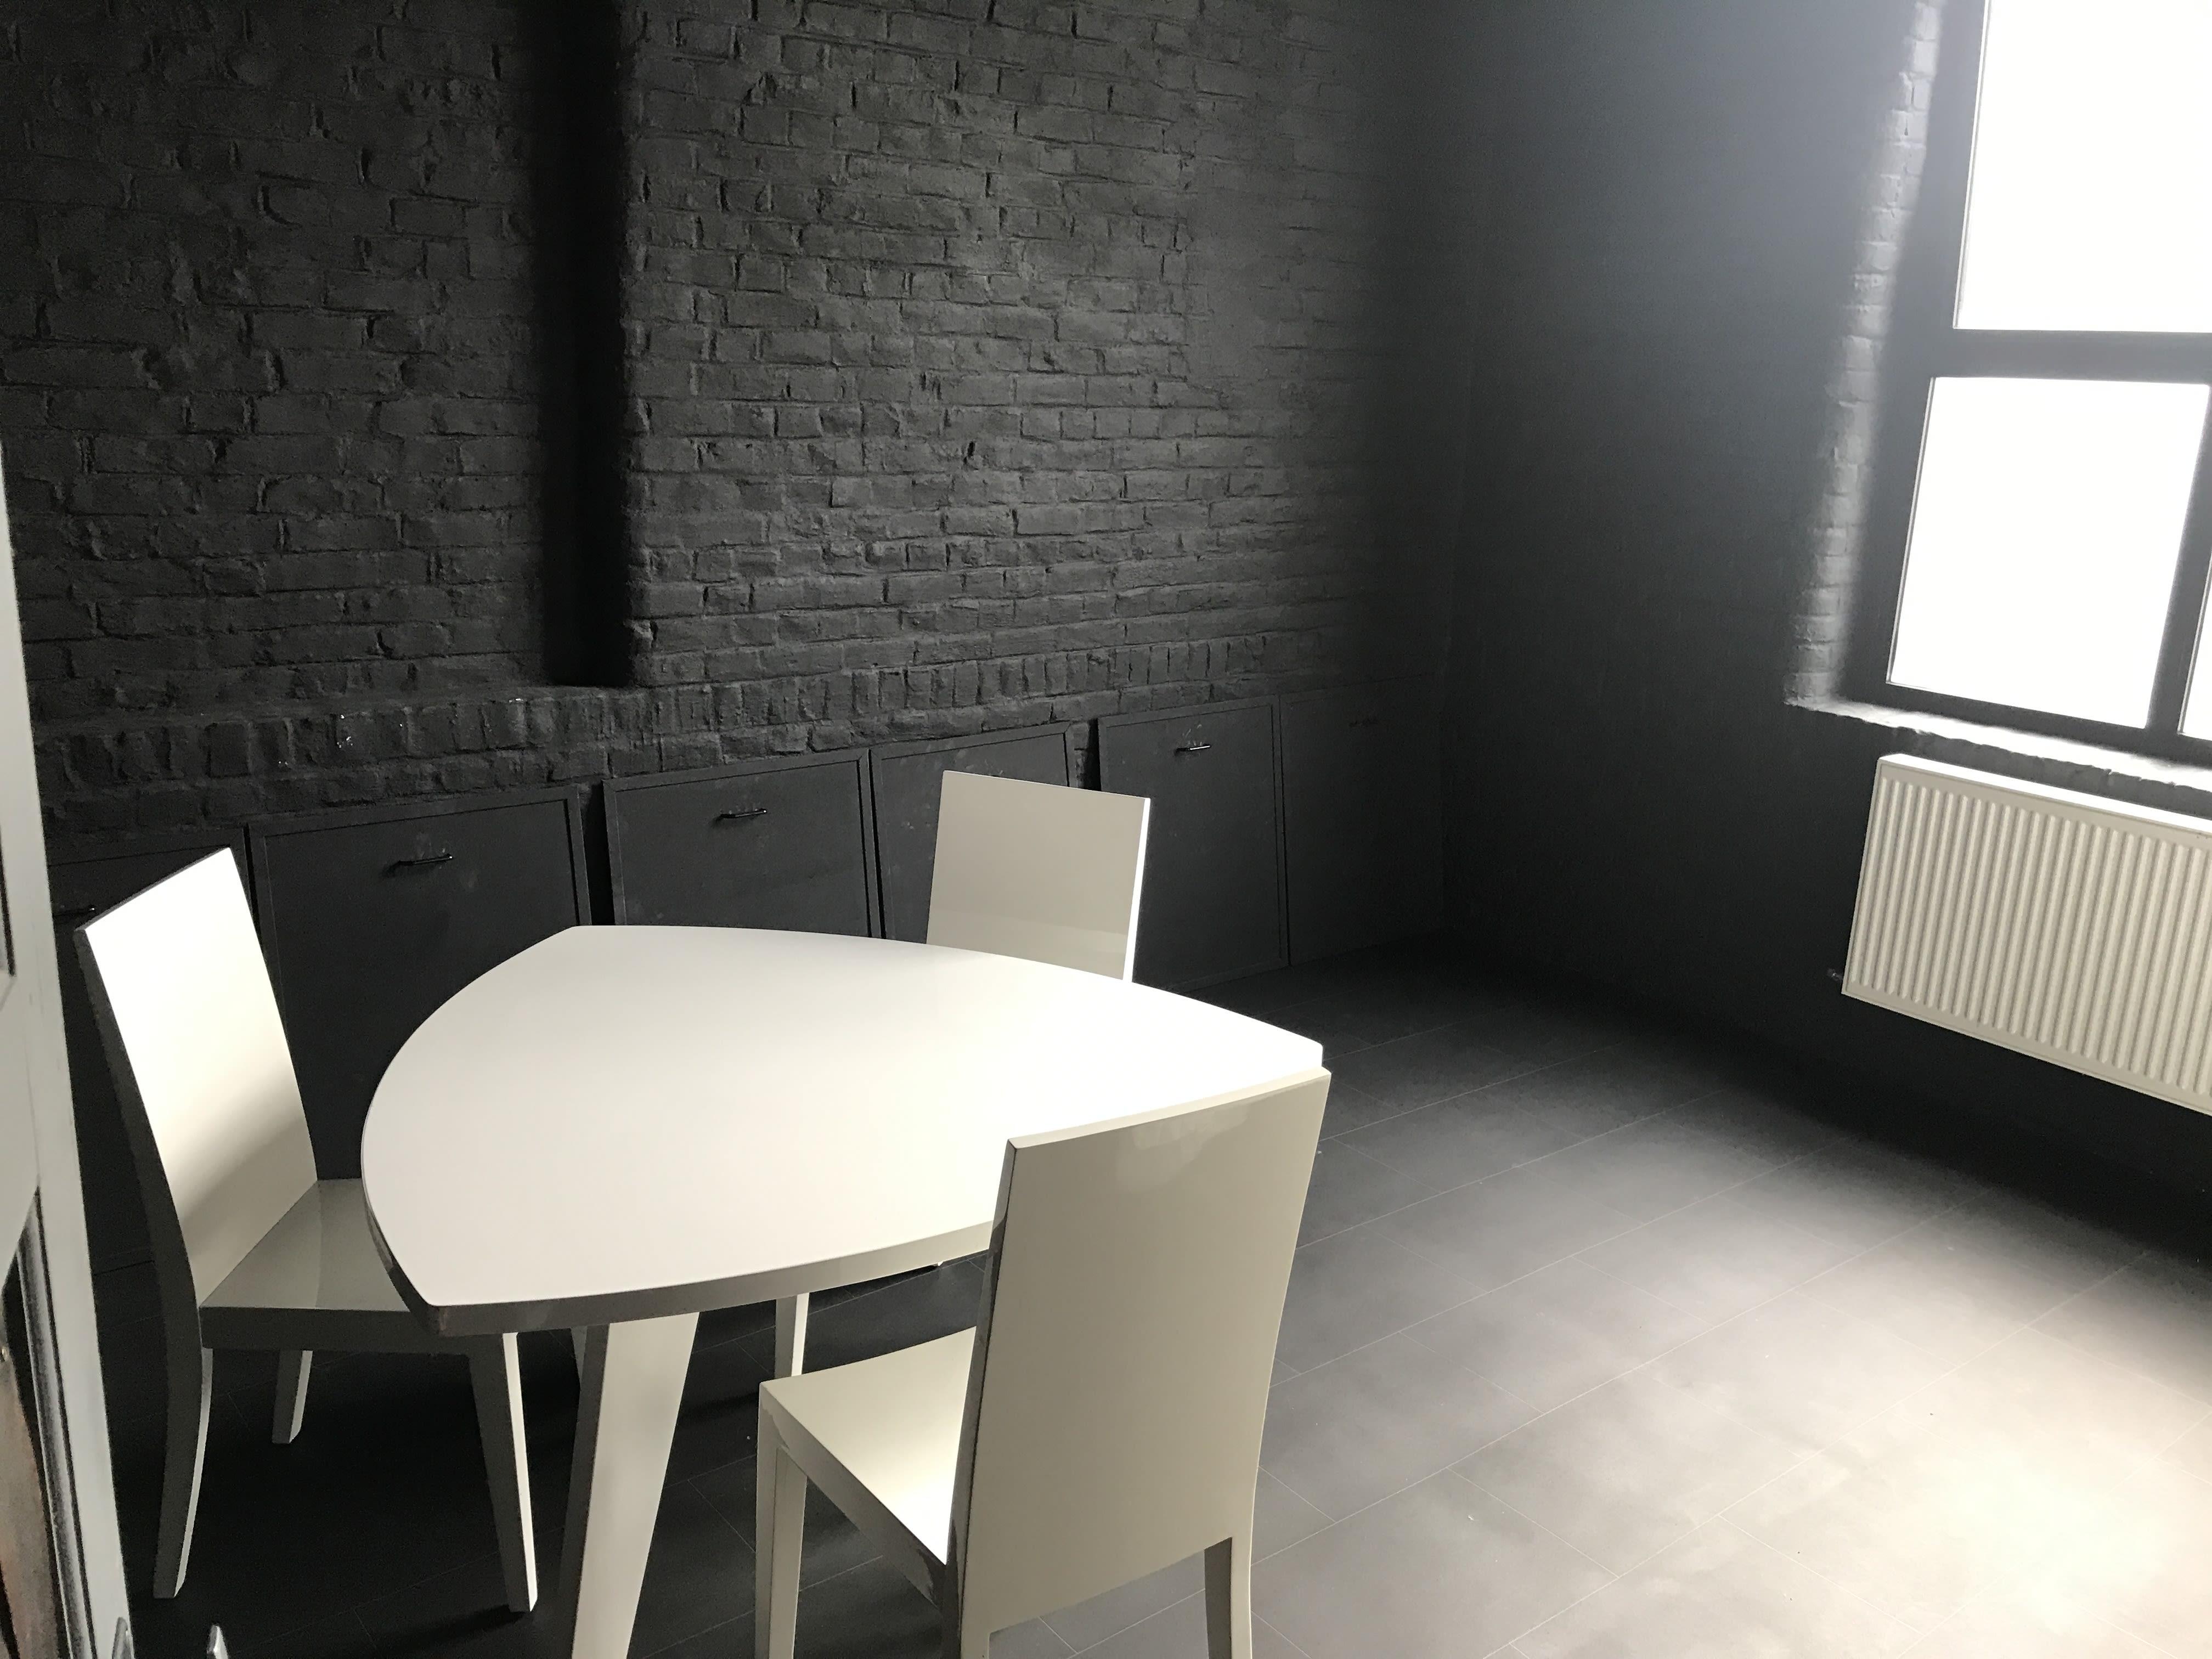 bureau privatif de 3 personnes à Roubaix